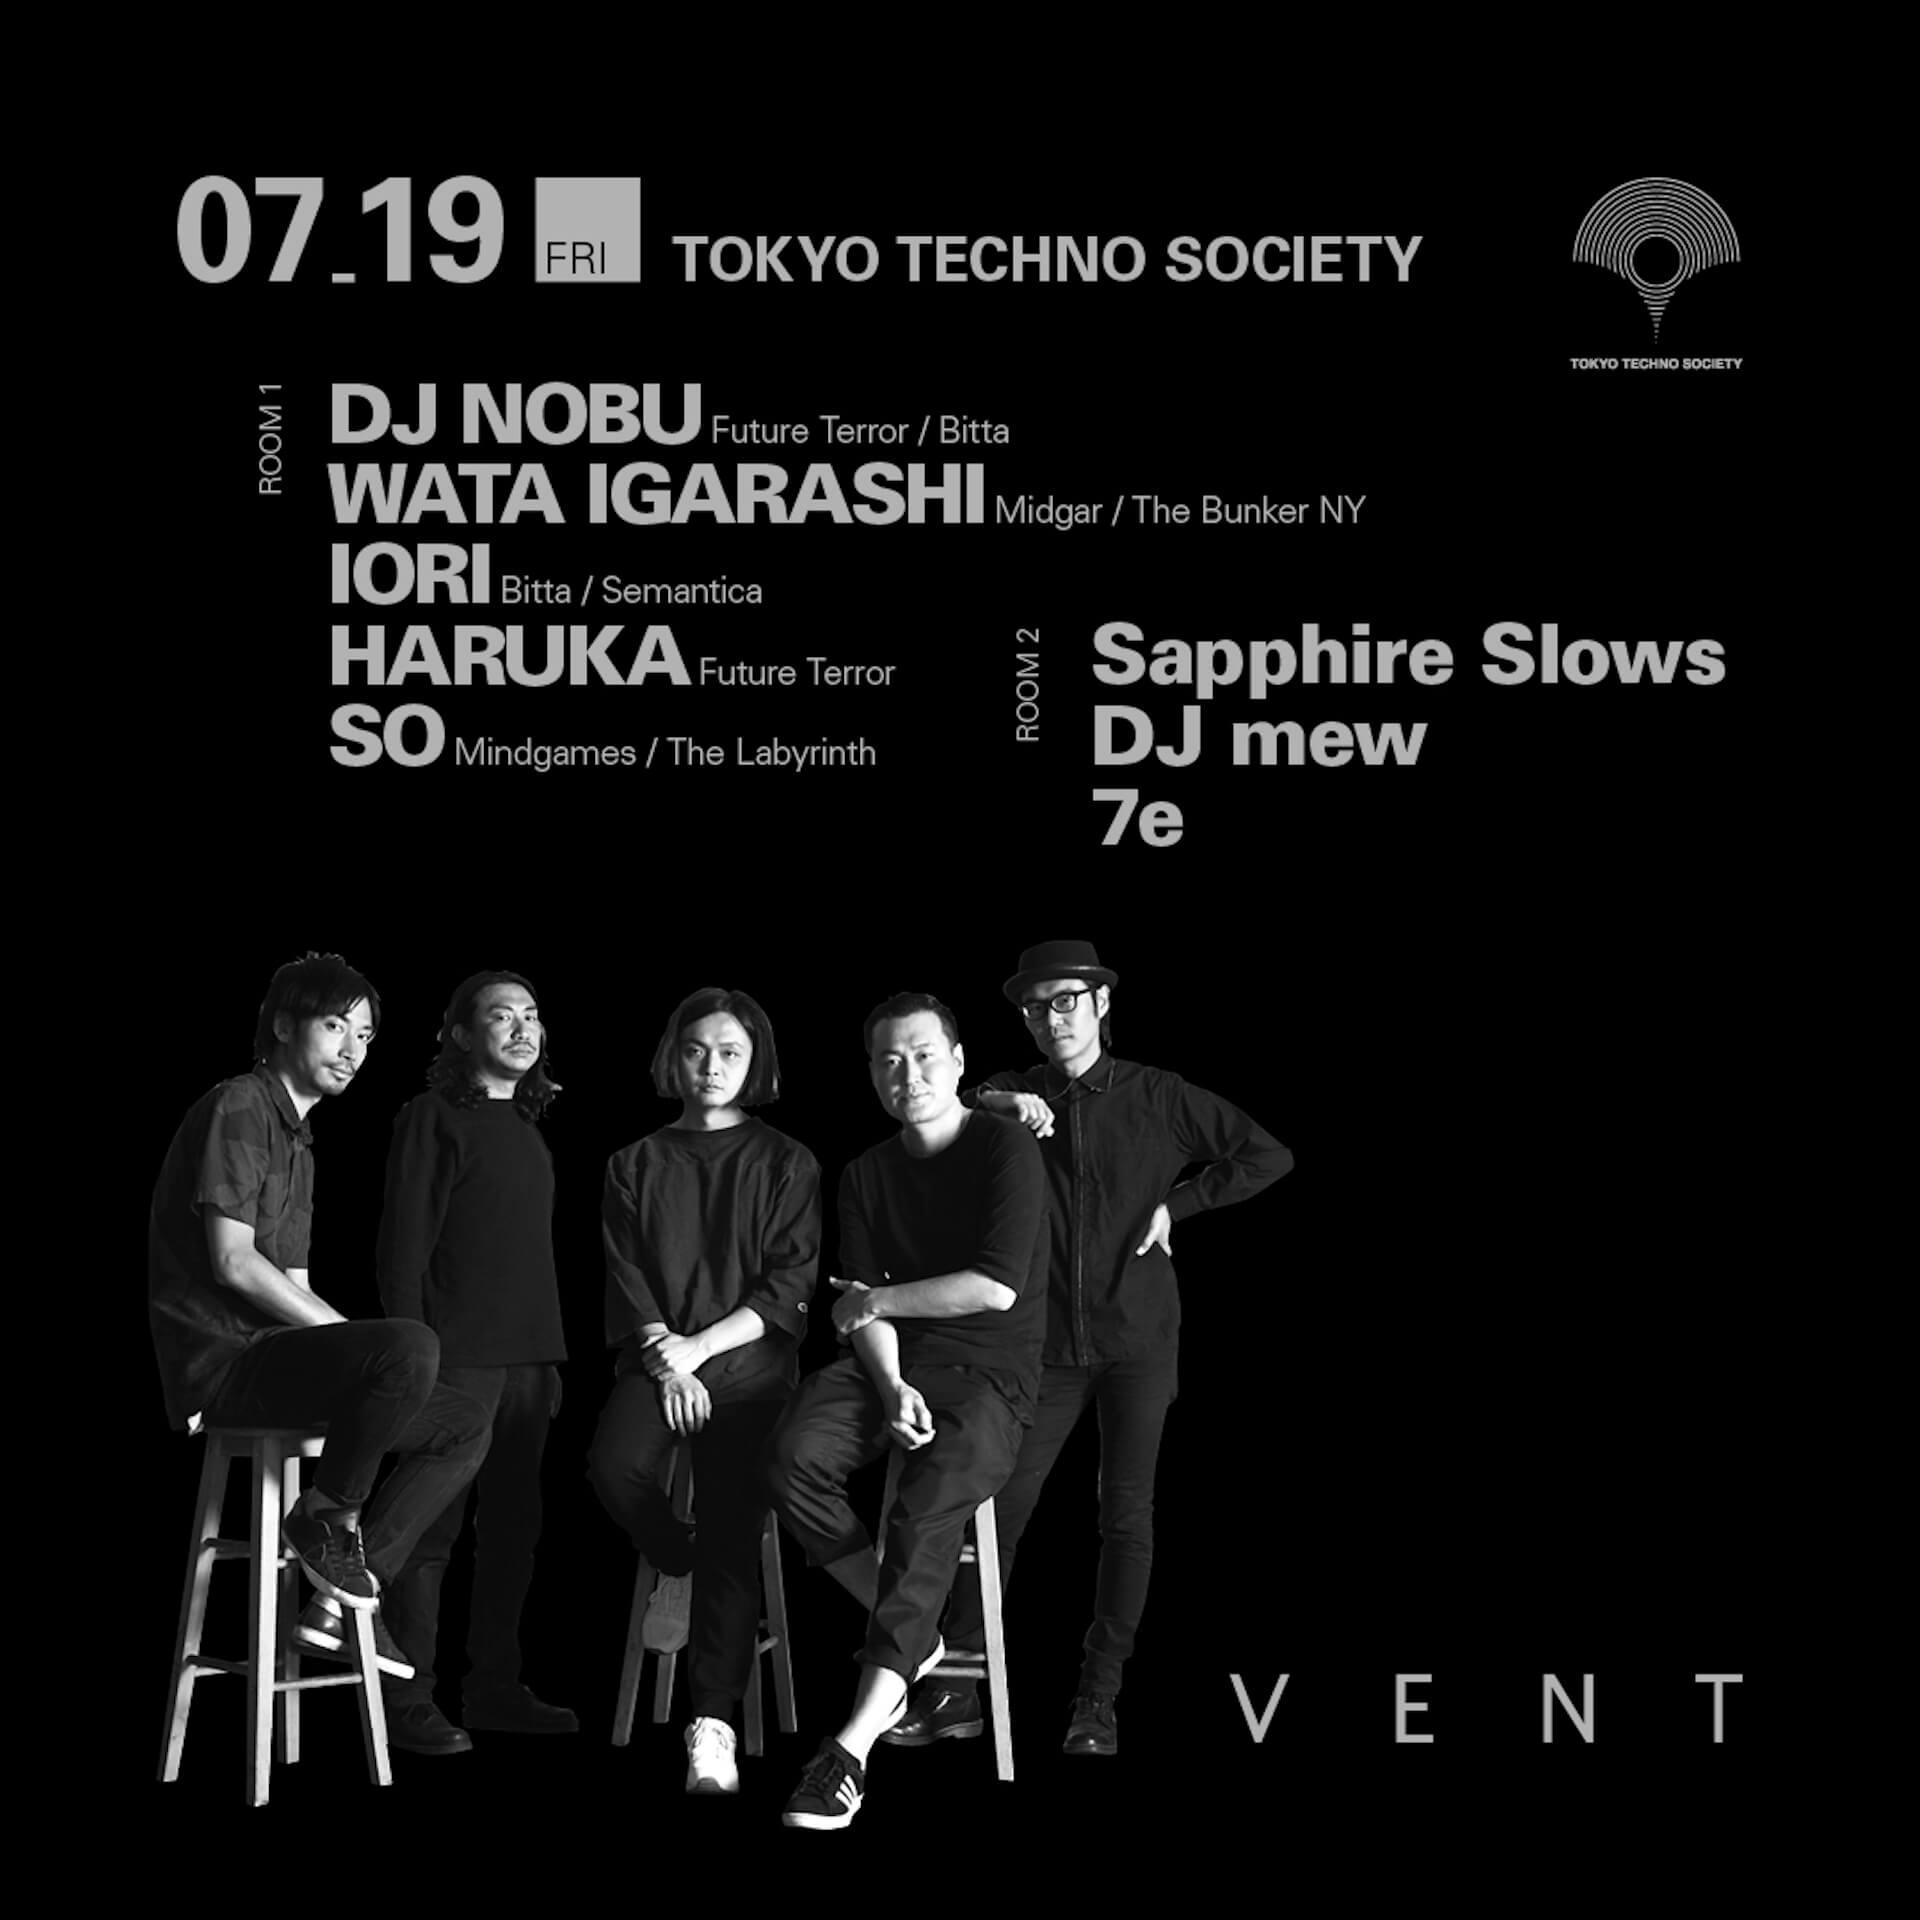 日本のトップアクトが集結する「TOKYO TECHNO SOCIETY」が7月にVENTで開催 DJ NOBUらレジデントに加え、Sapphire Slows、DJ mew、7eが出演 music190626-tokyo-techno-society-2